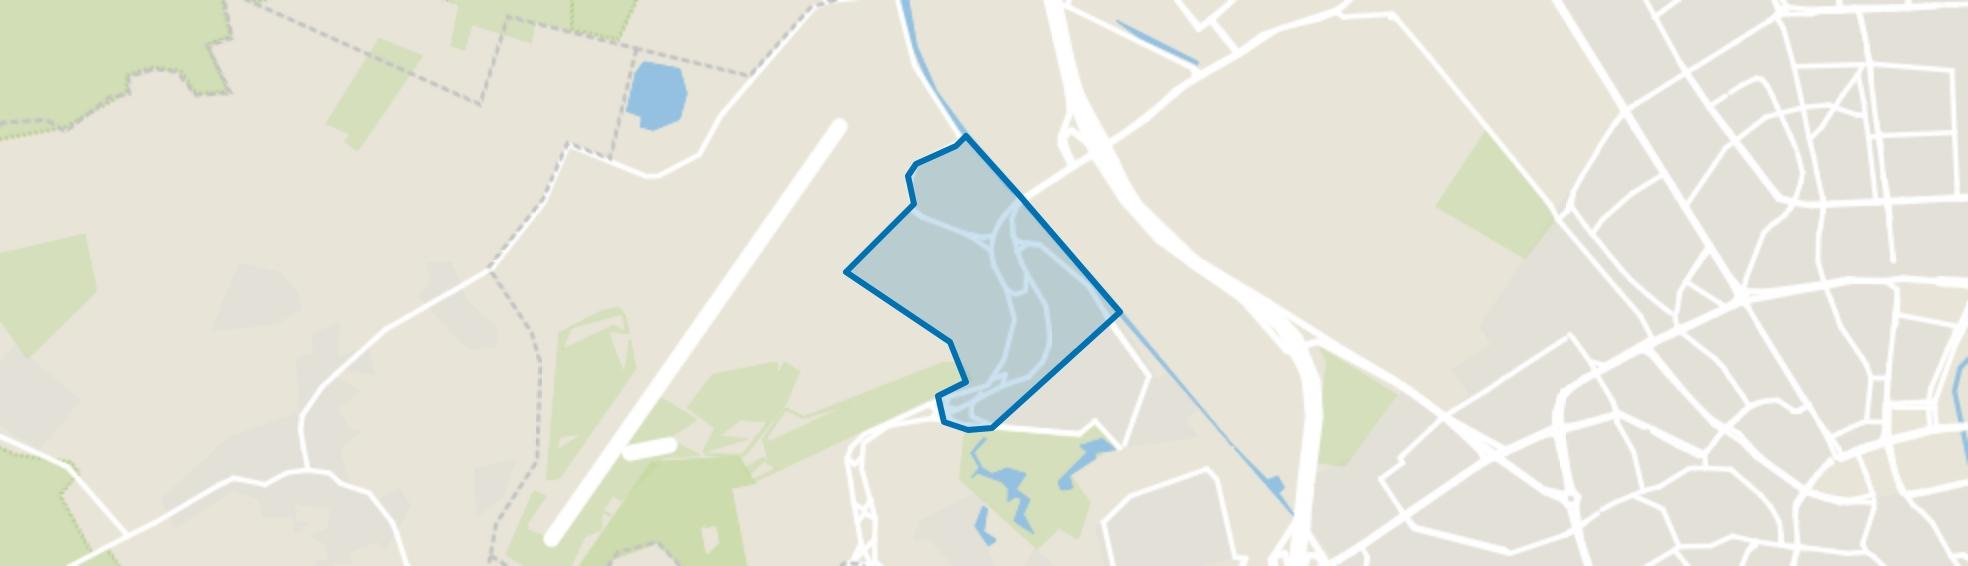 Flight Forum, Eindhoven map